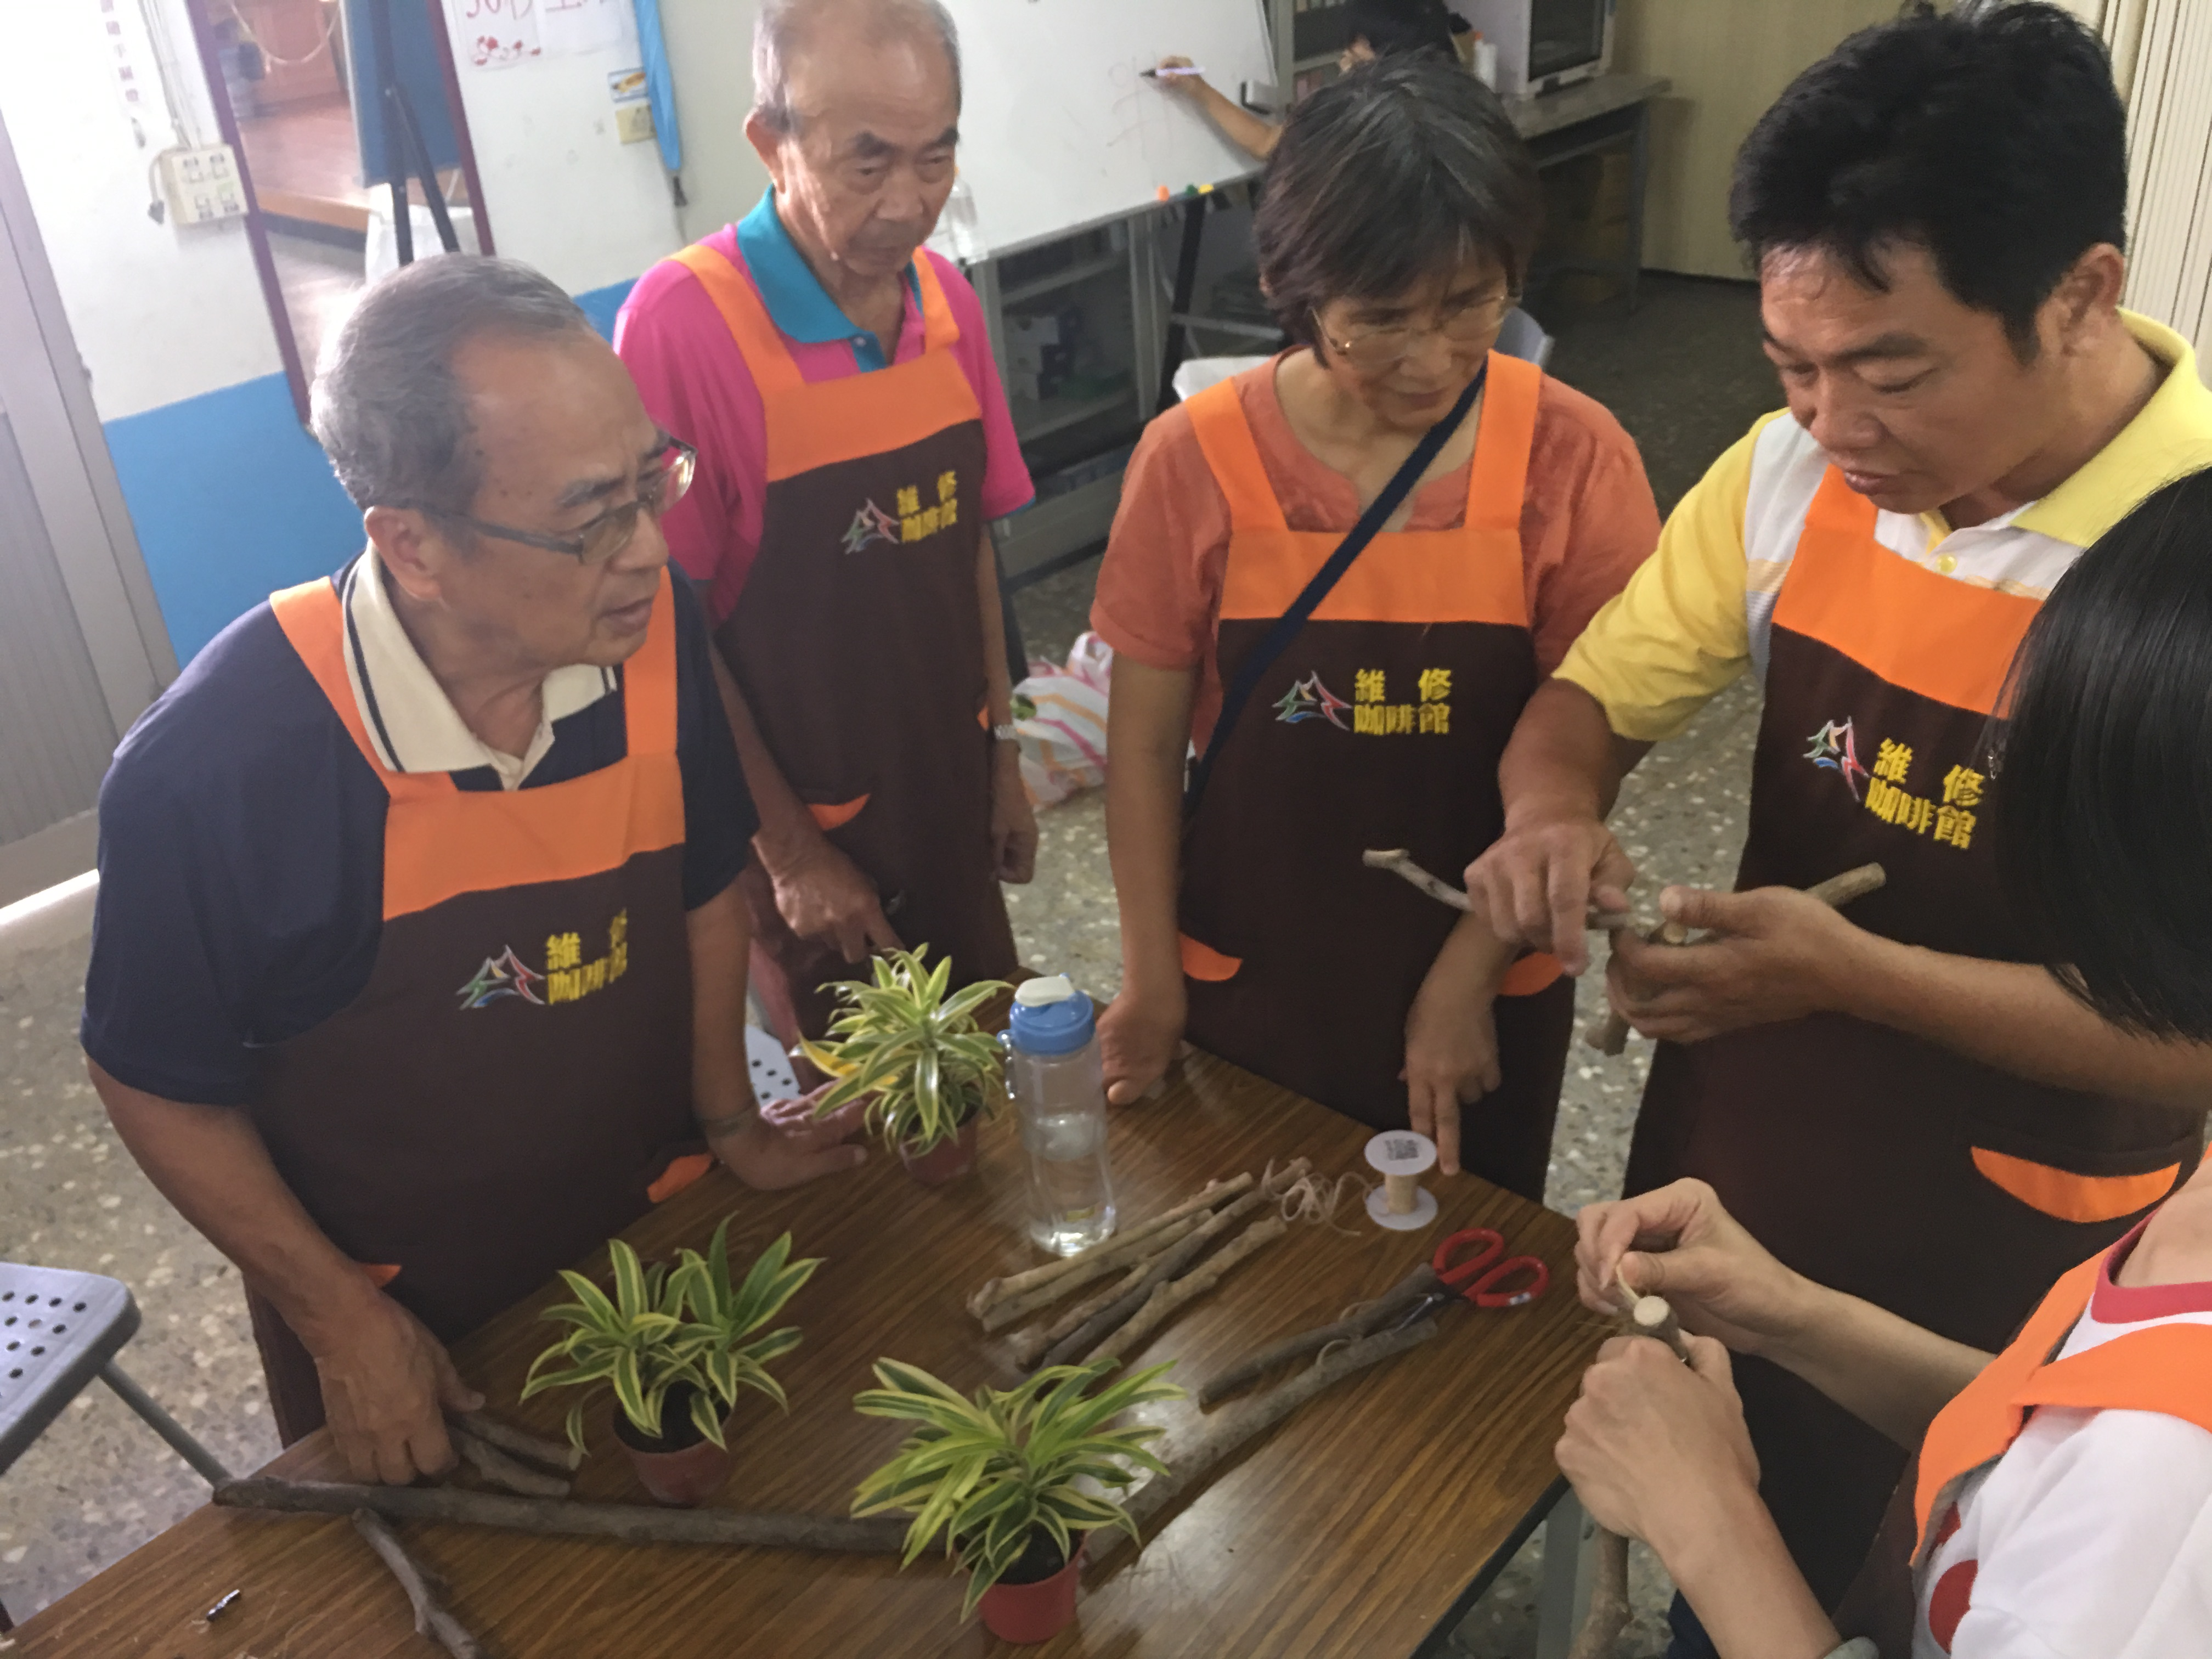 打造花園城市 中市府花架DIY課程免費參加